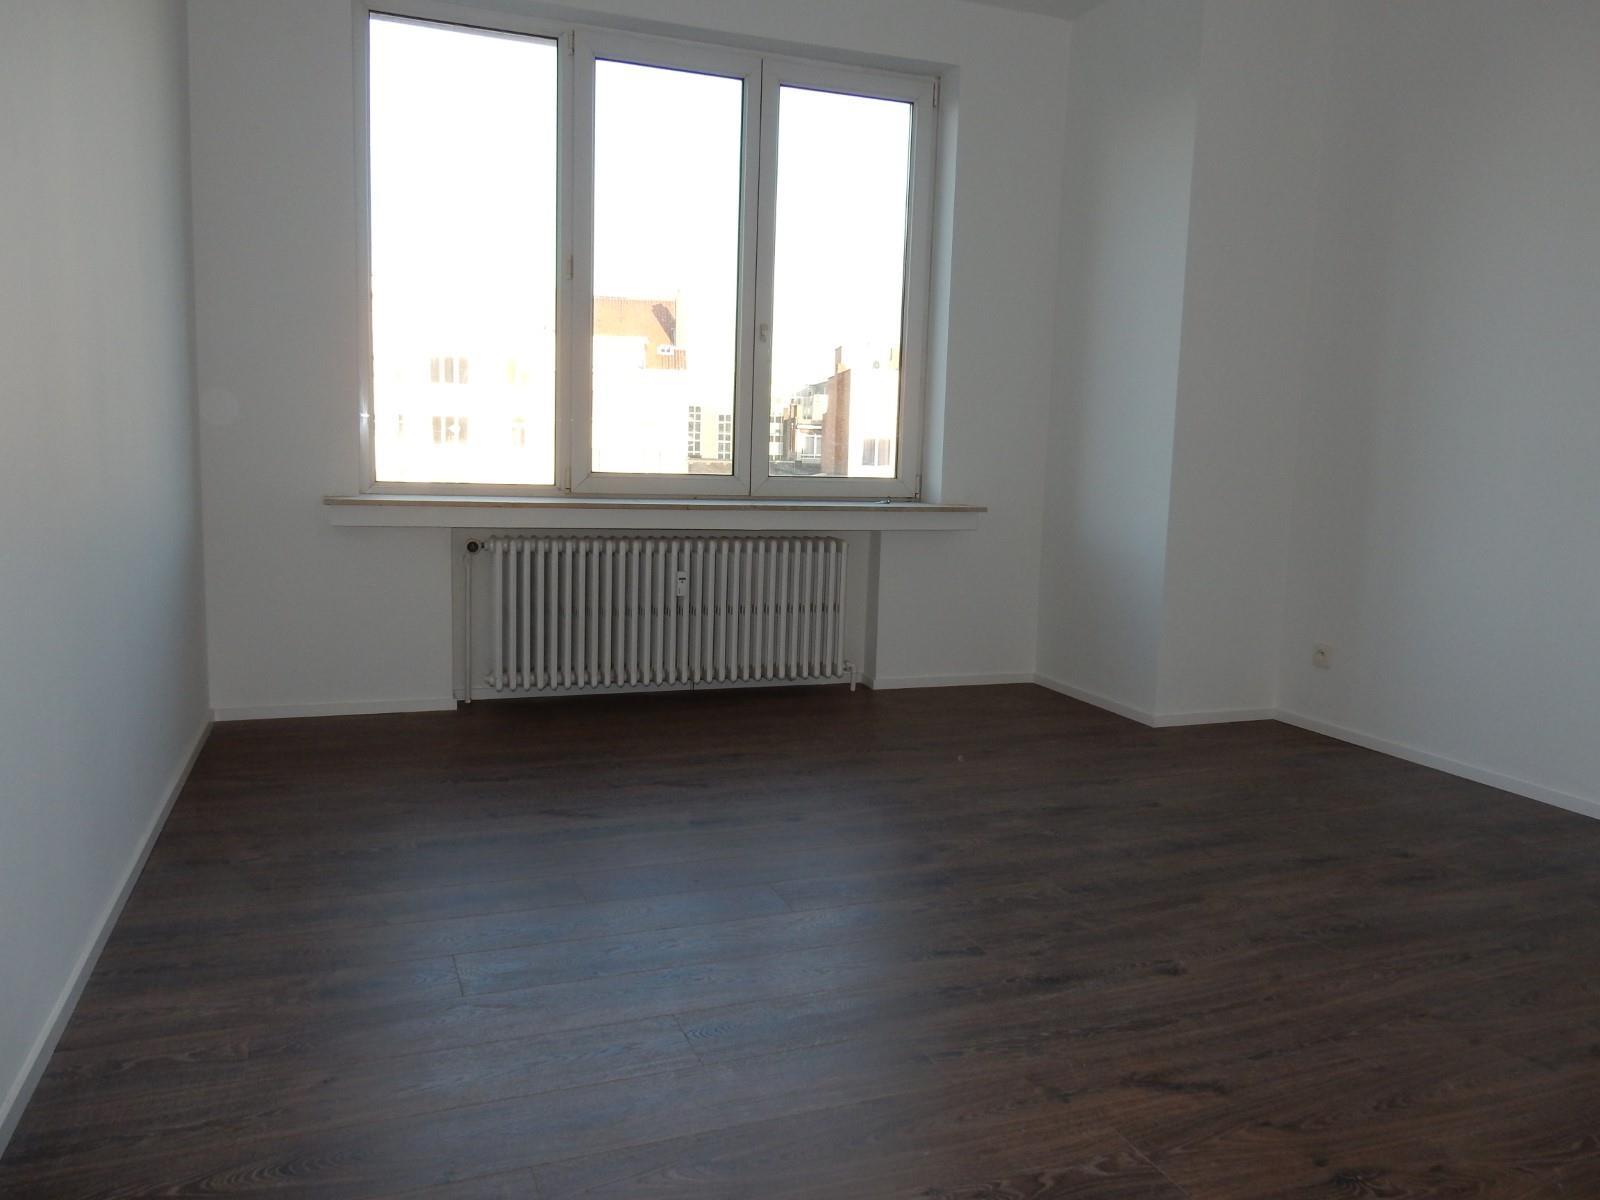 Flat - Ixelles - #2991900-7